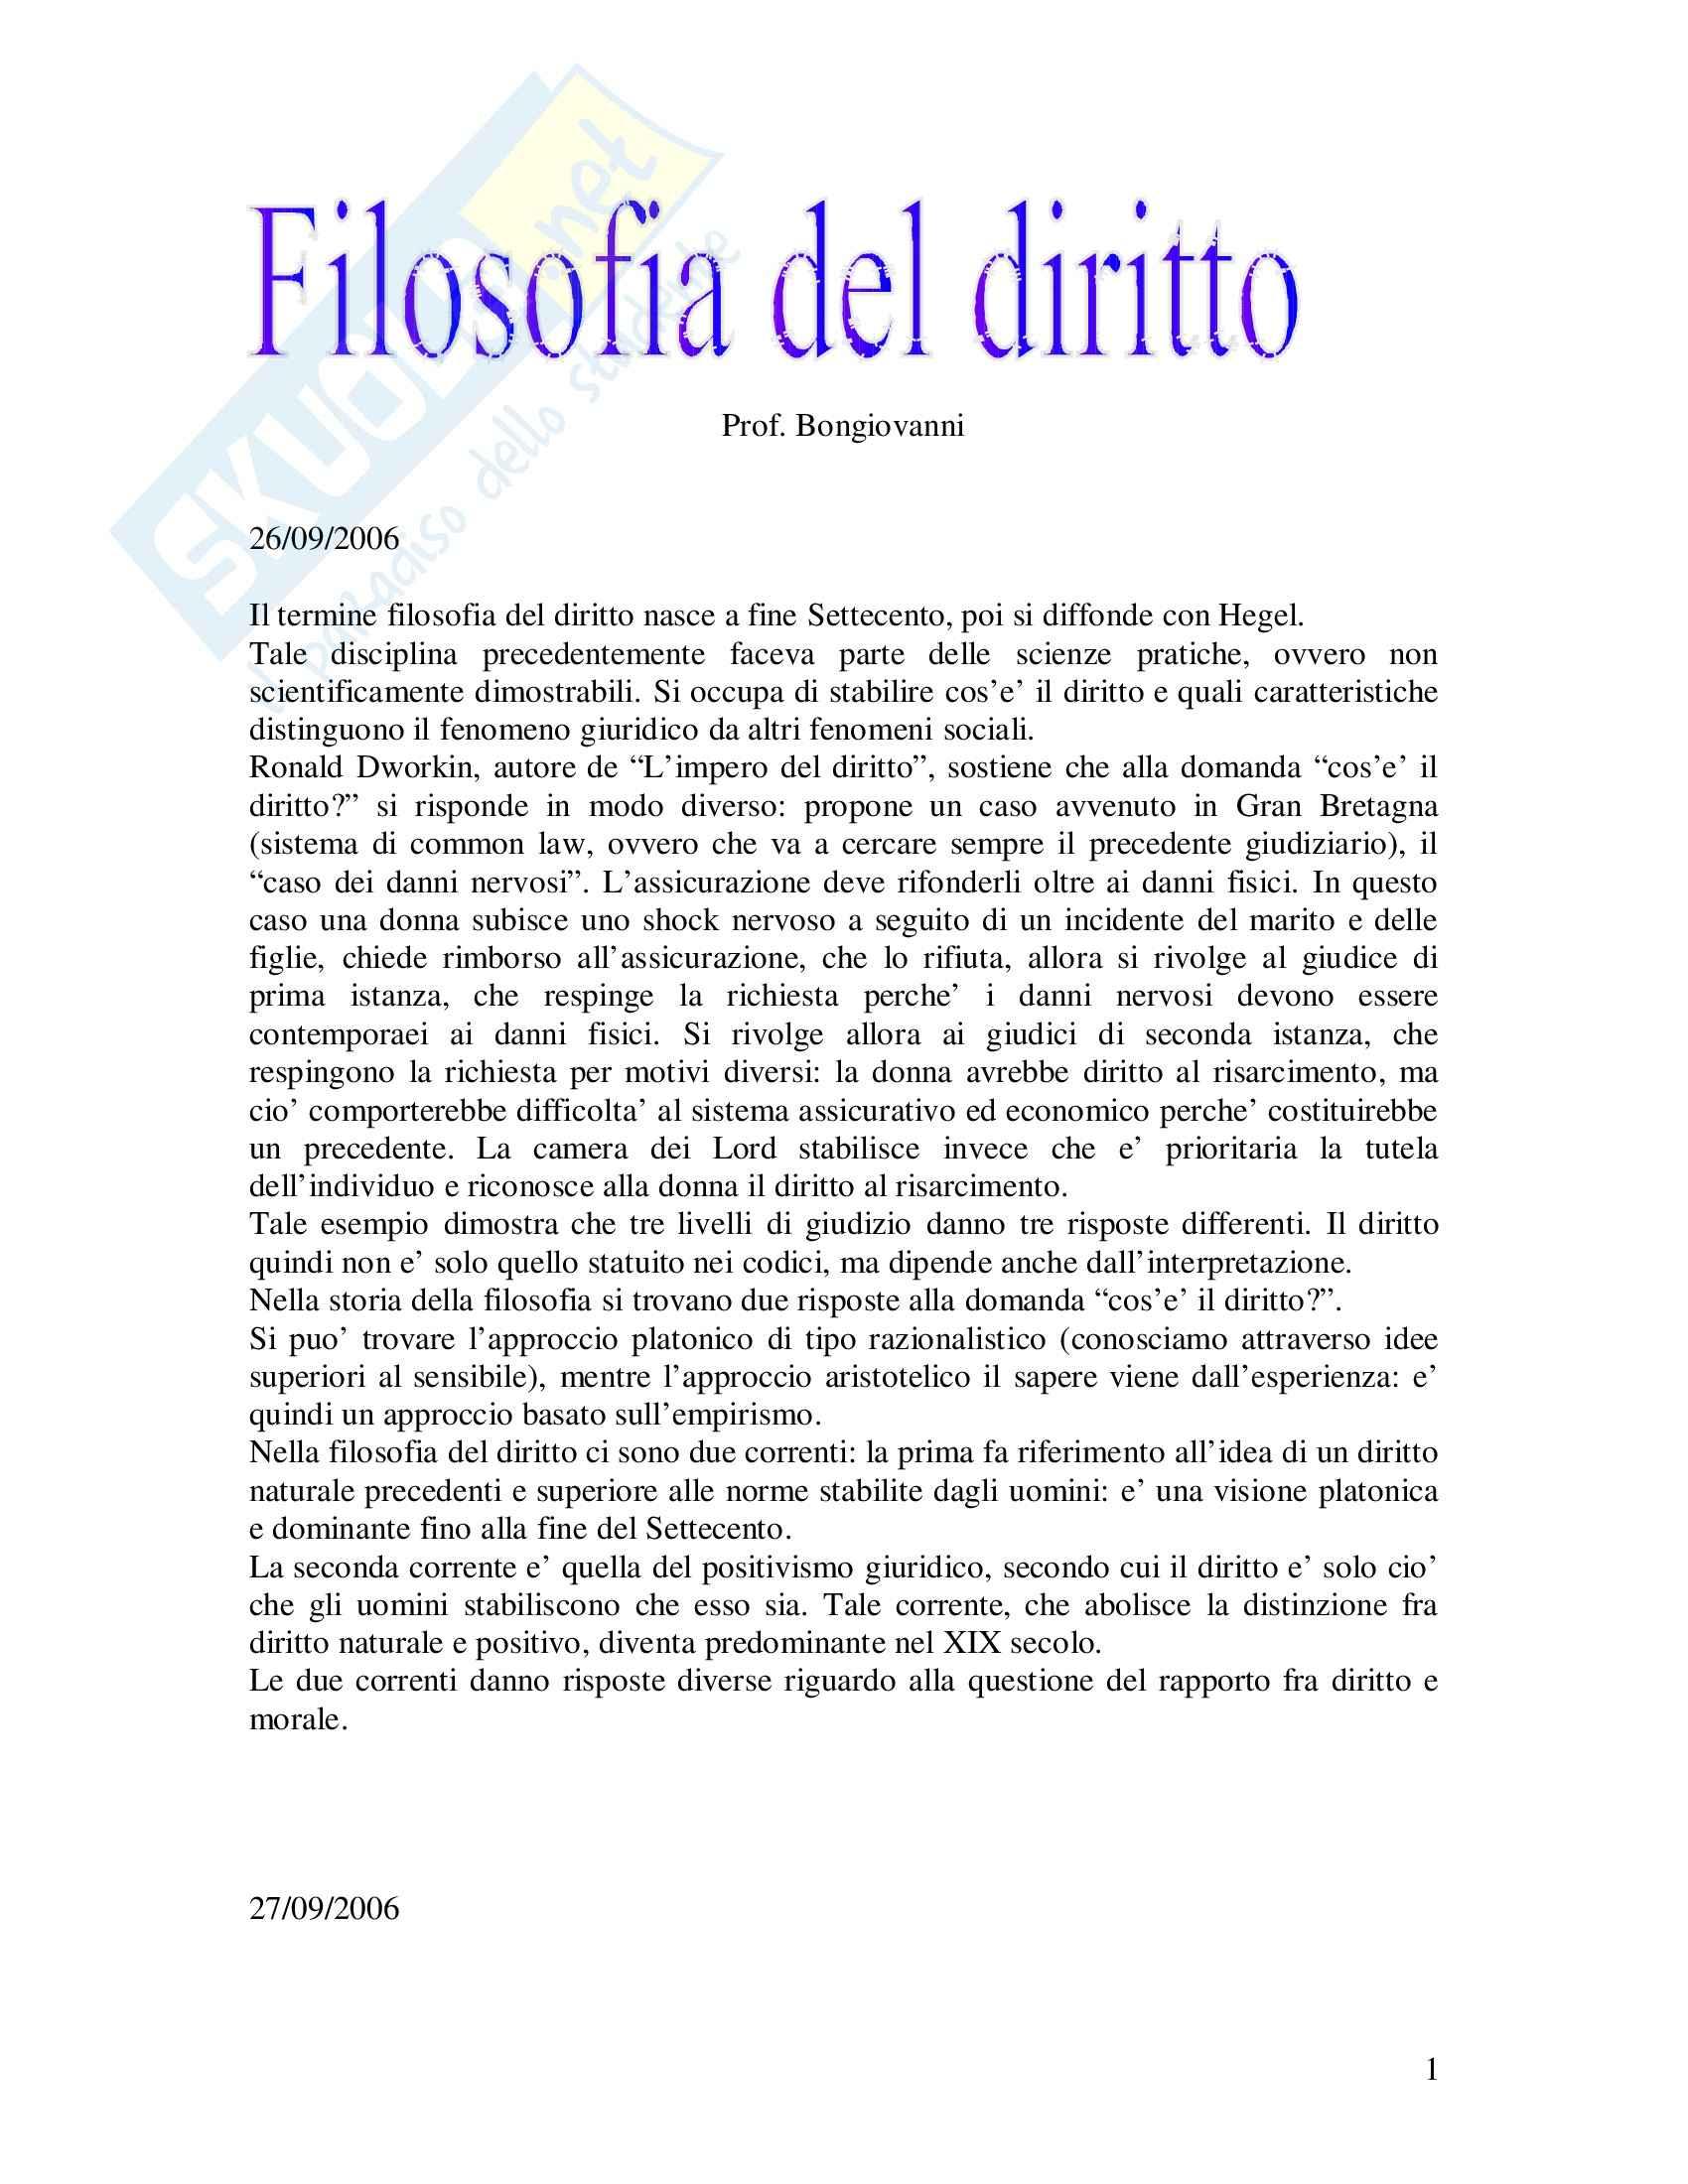 Filosofia del diritto - Riassunto esame, prof. Bongiovanni